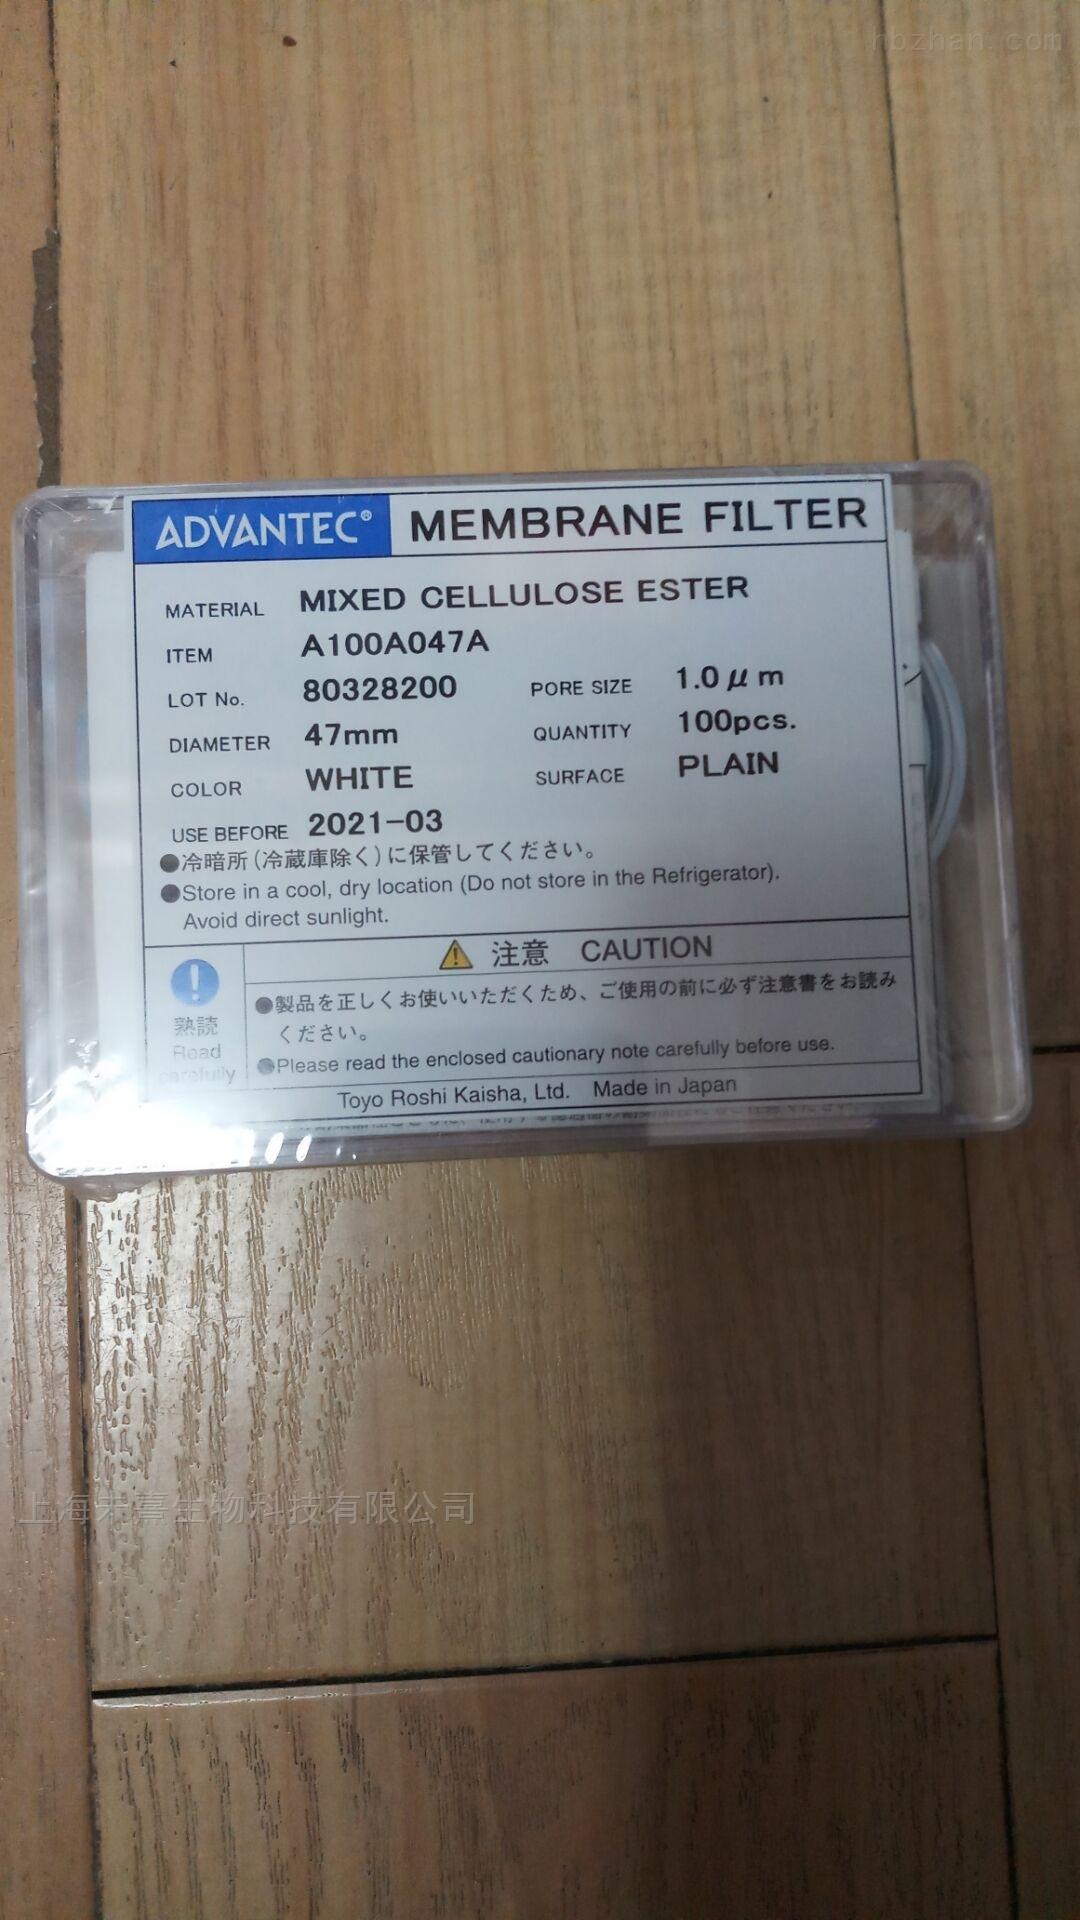 ADVANTEC孔径0.45um直径25mm混合纤维素酯膜